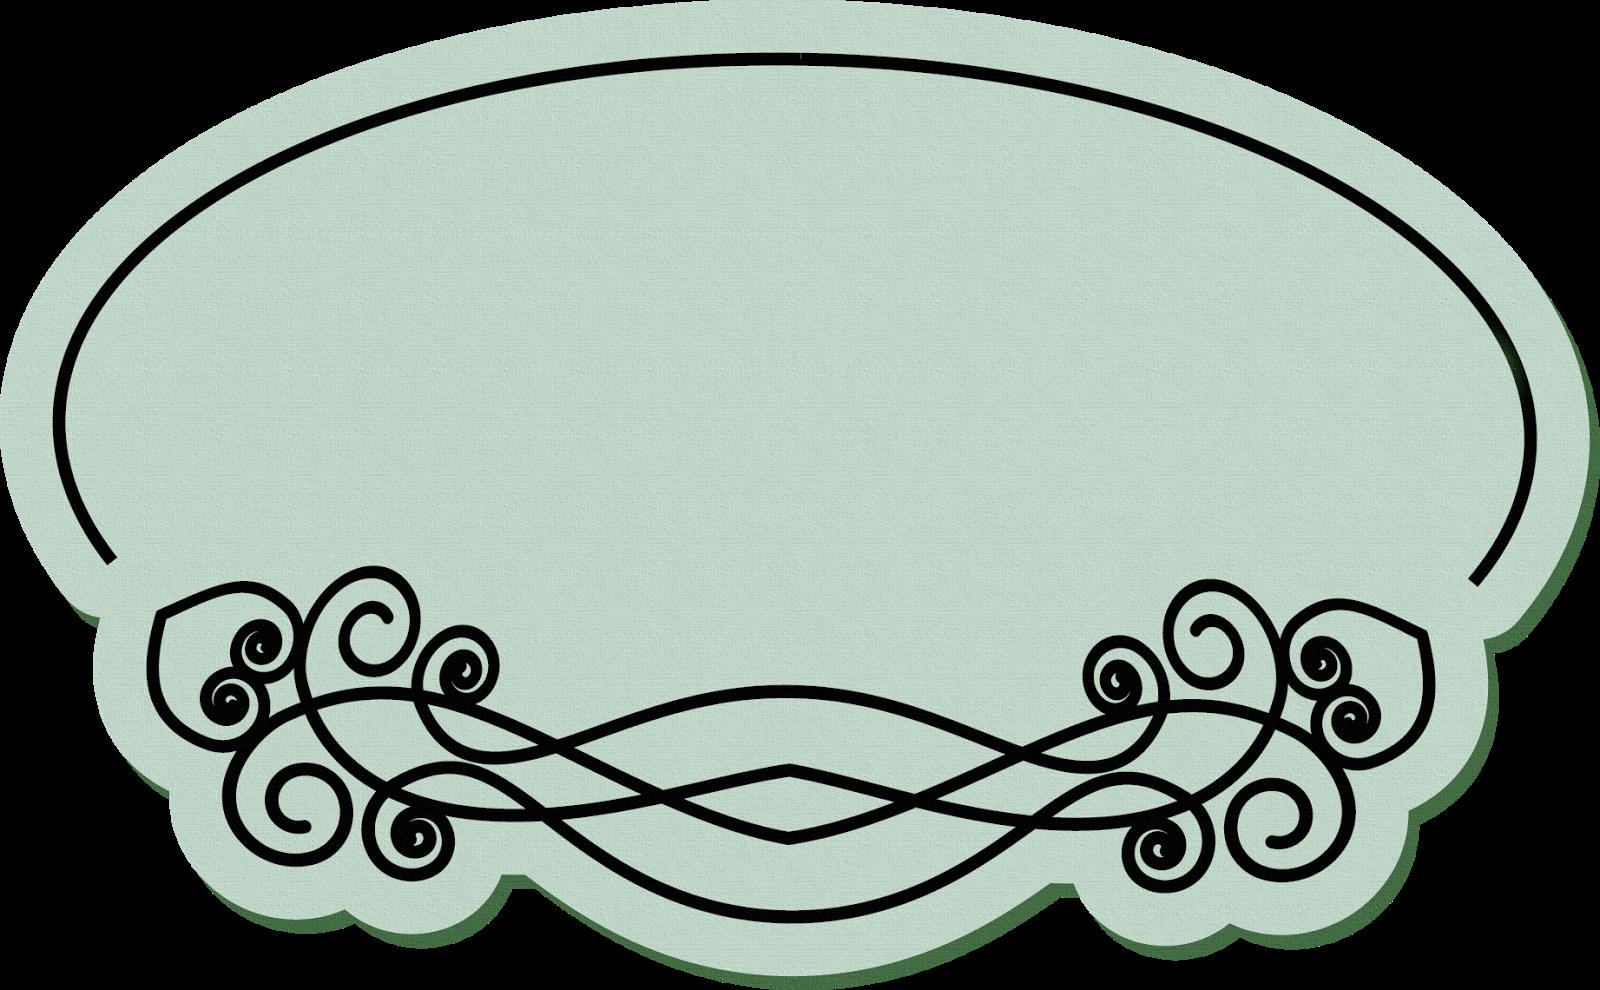 Картинка с окошком для надписи